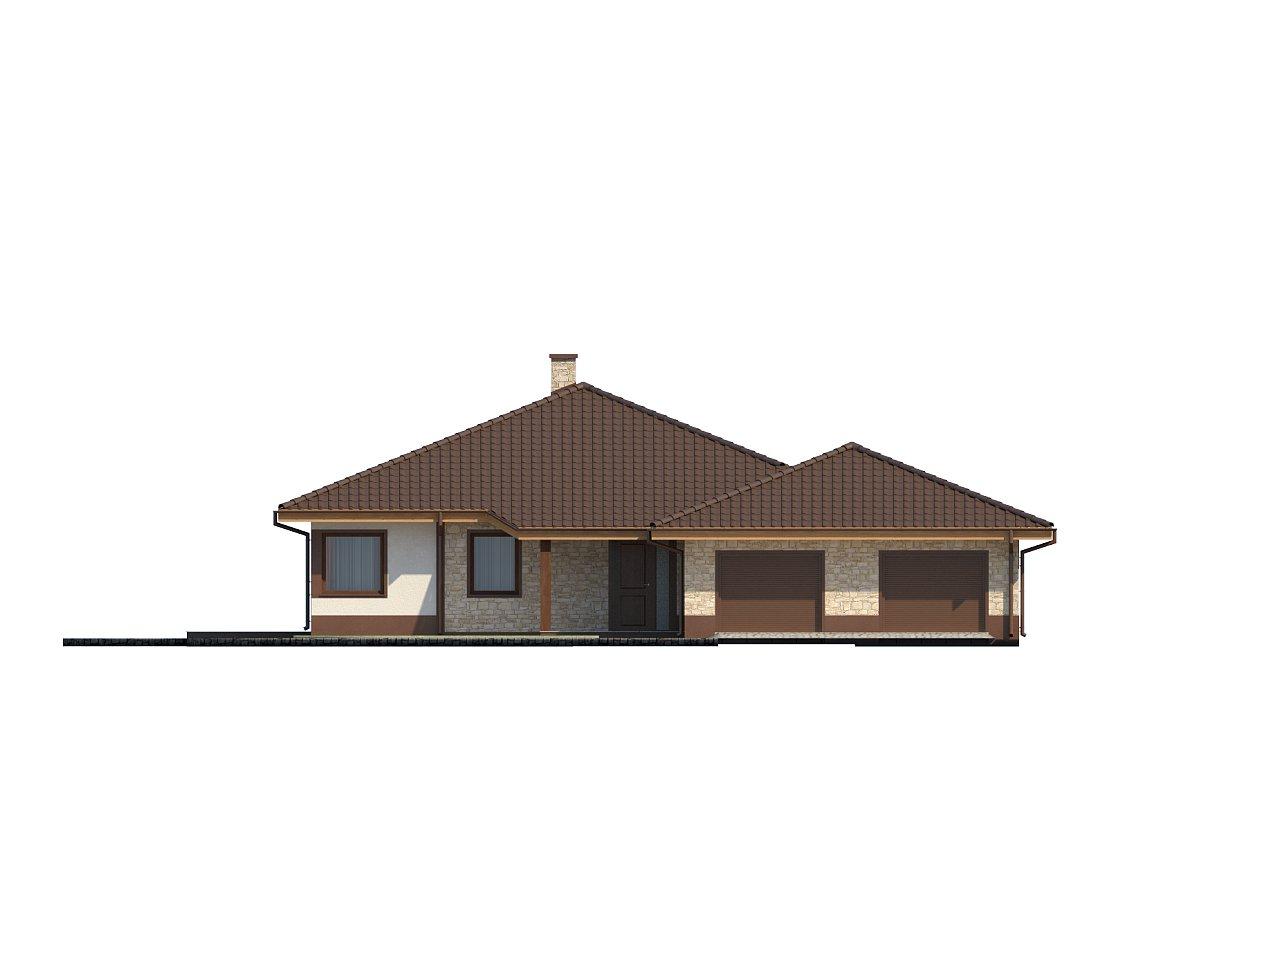 Комфортабельный одноэтажный дом для продольного участка с большим гаражом, с возможностью обустройства мансарды. 3